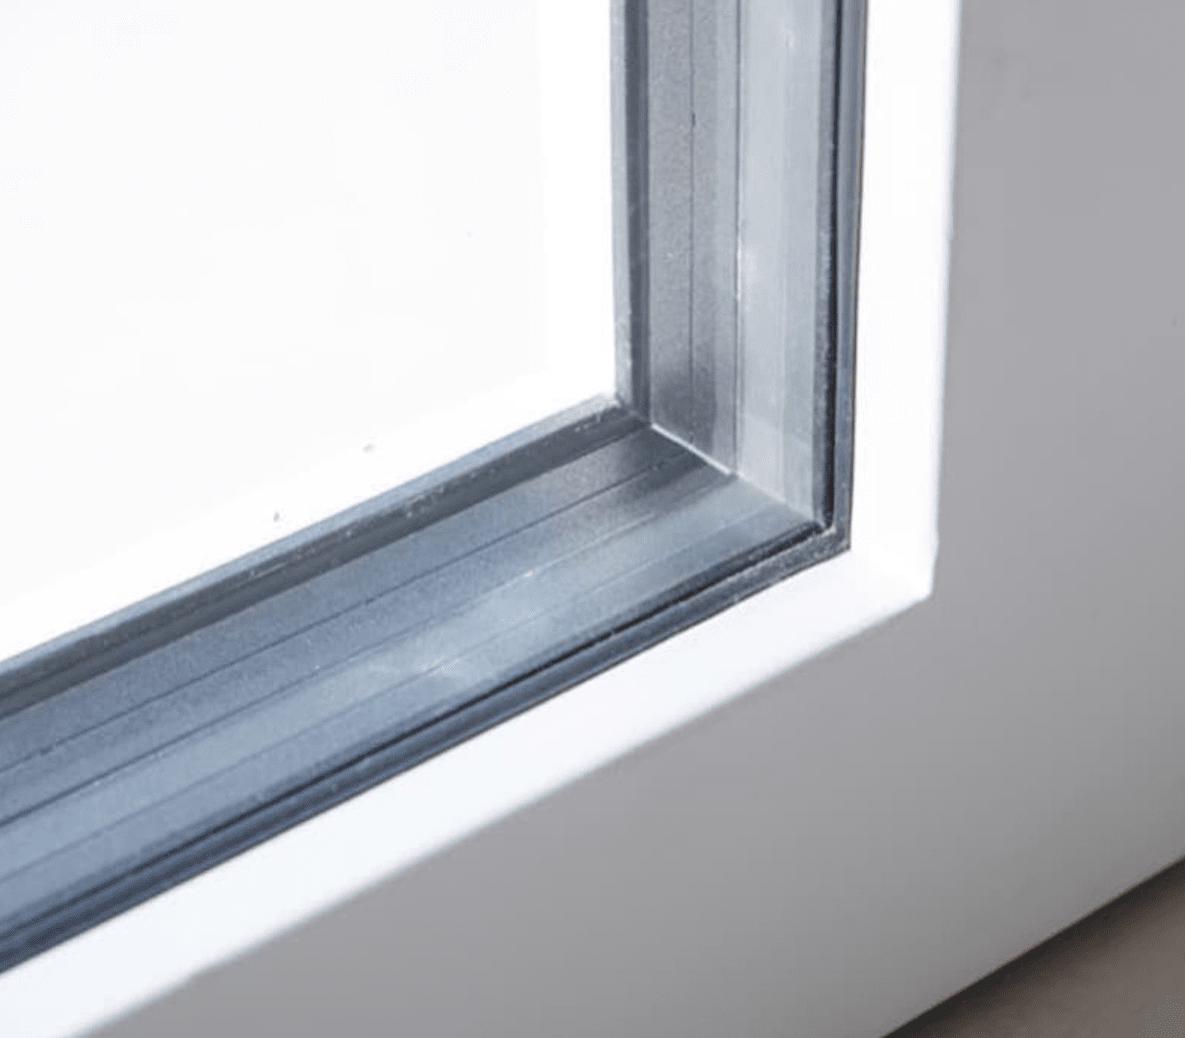 casa passiva - Serramento per casa passiva in monoblocco su misura 12